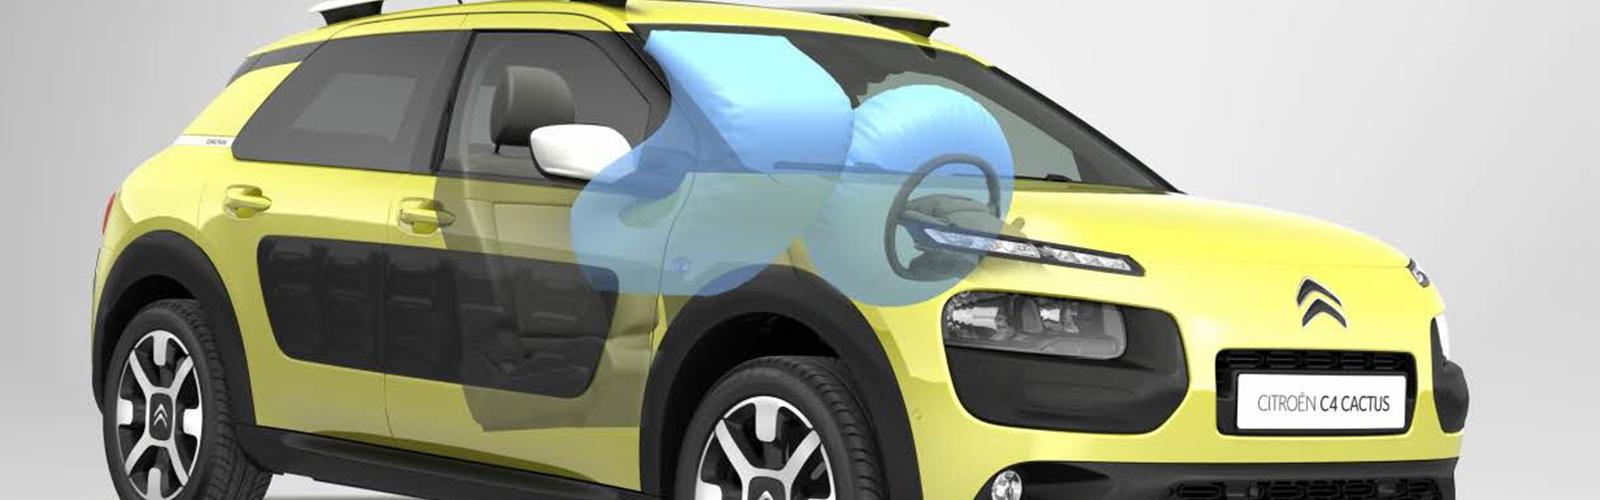 El Citroën C4 Cactus tiene una buena seguridad